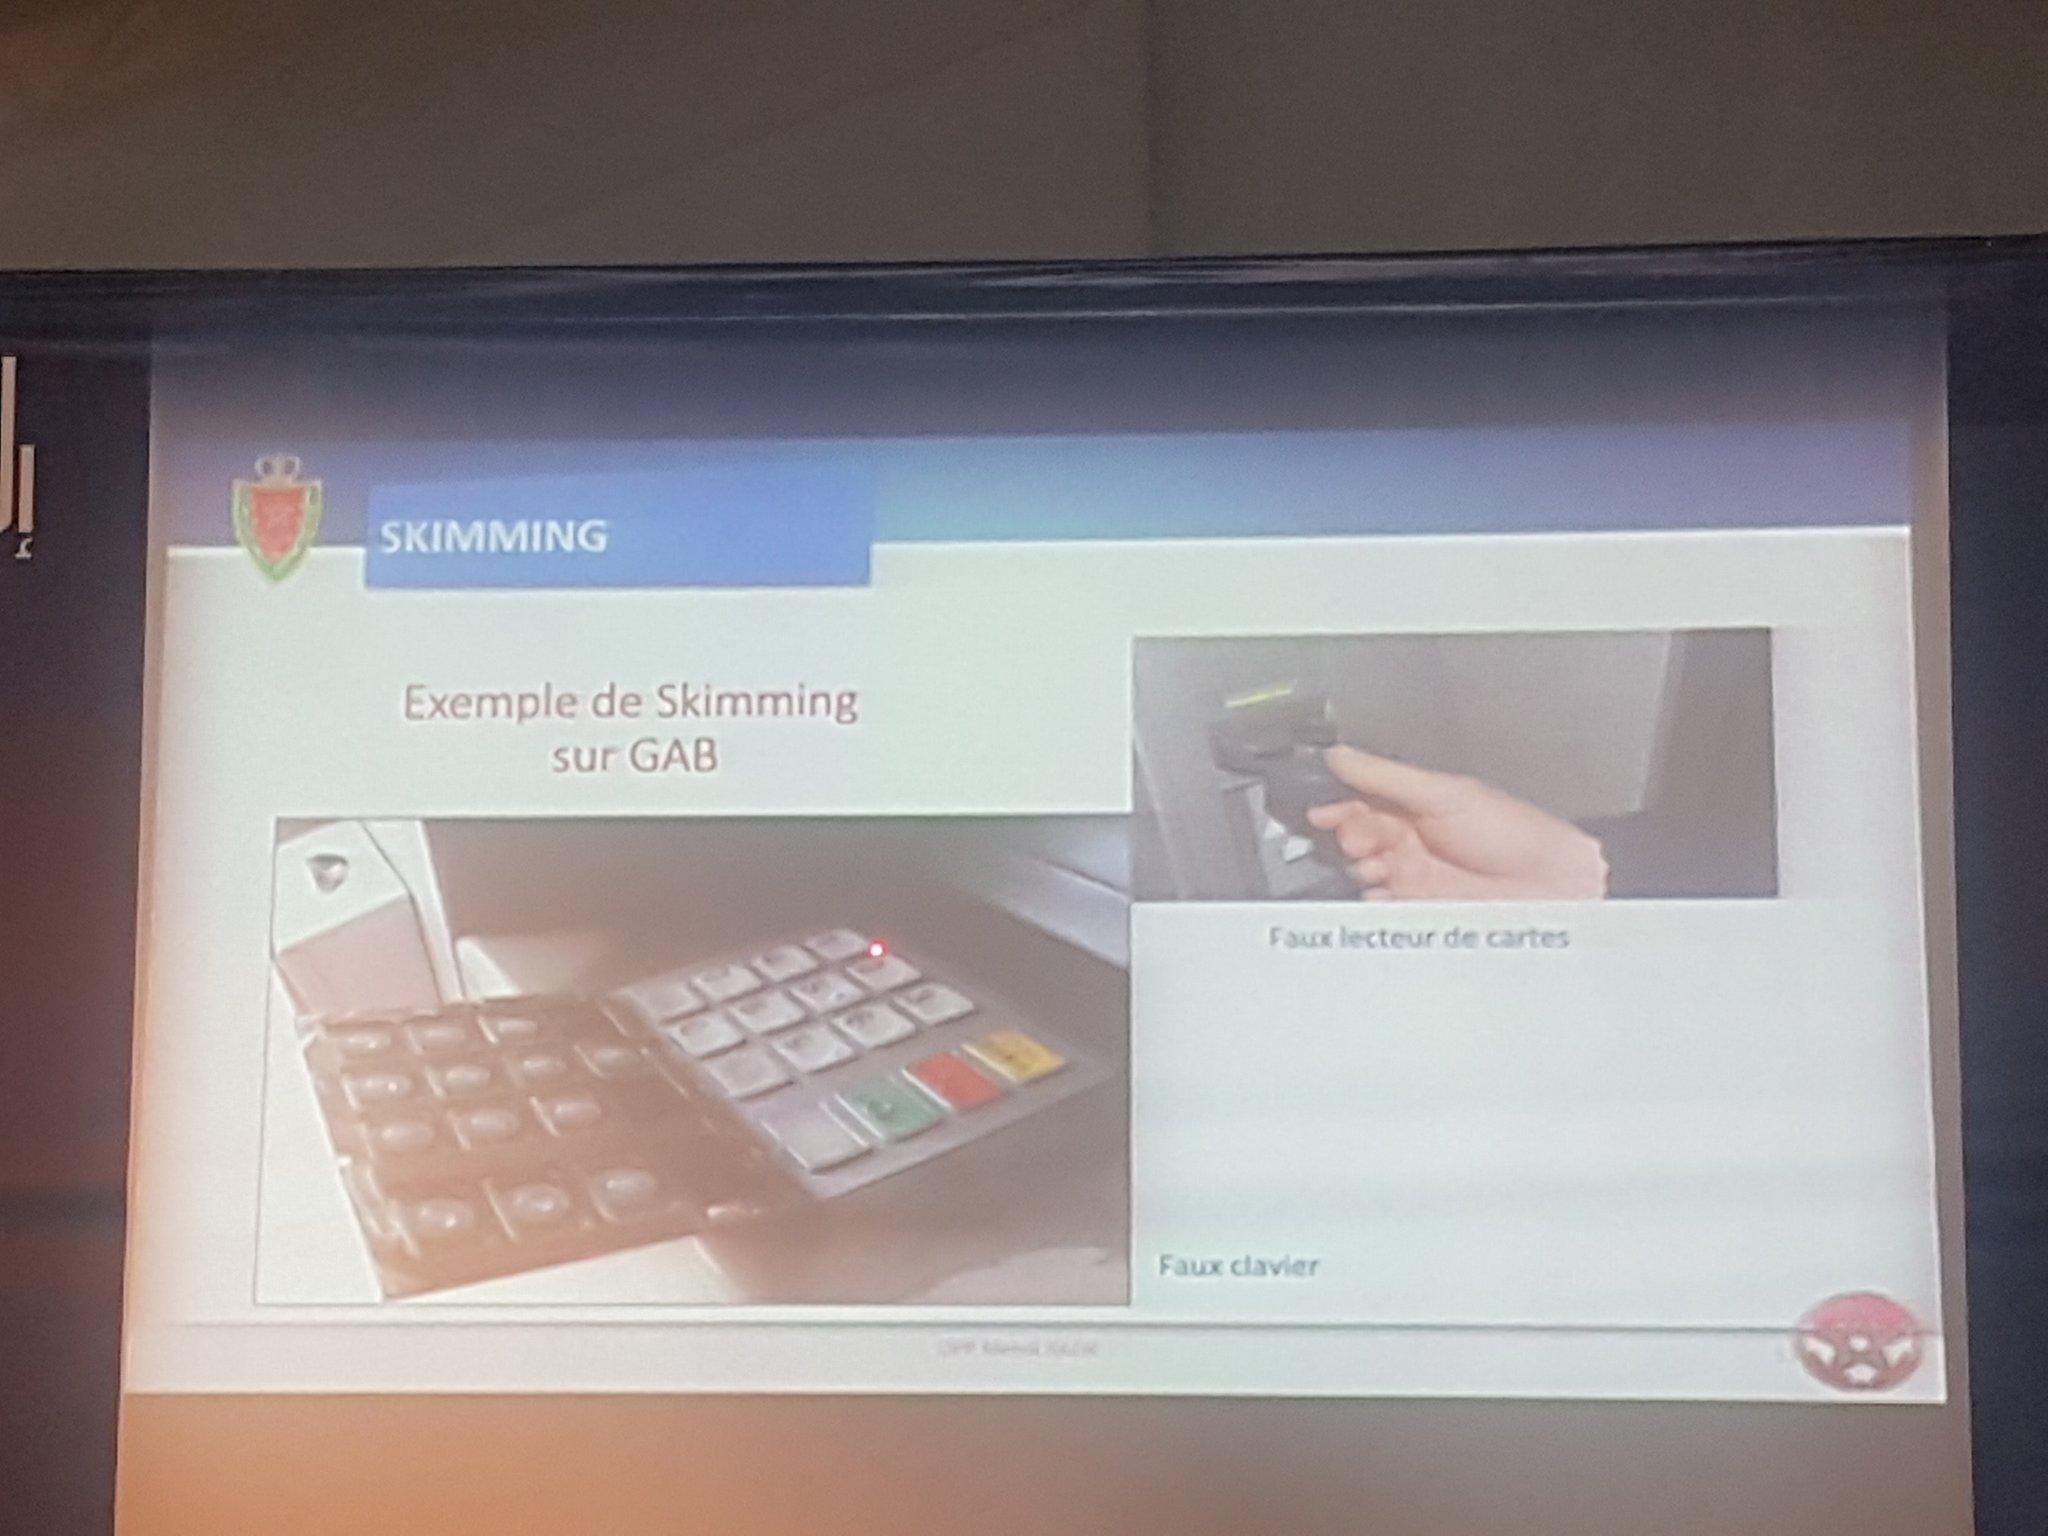 صورة لقارئ البطاقة المزيف ولوحة المفاتيح المزيفة اللذان يُستخدمان لسرقة معلومات البطاقة وكلمة السر